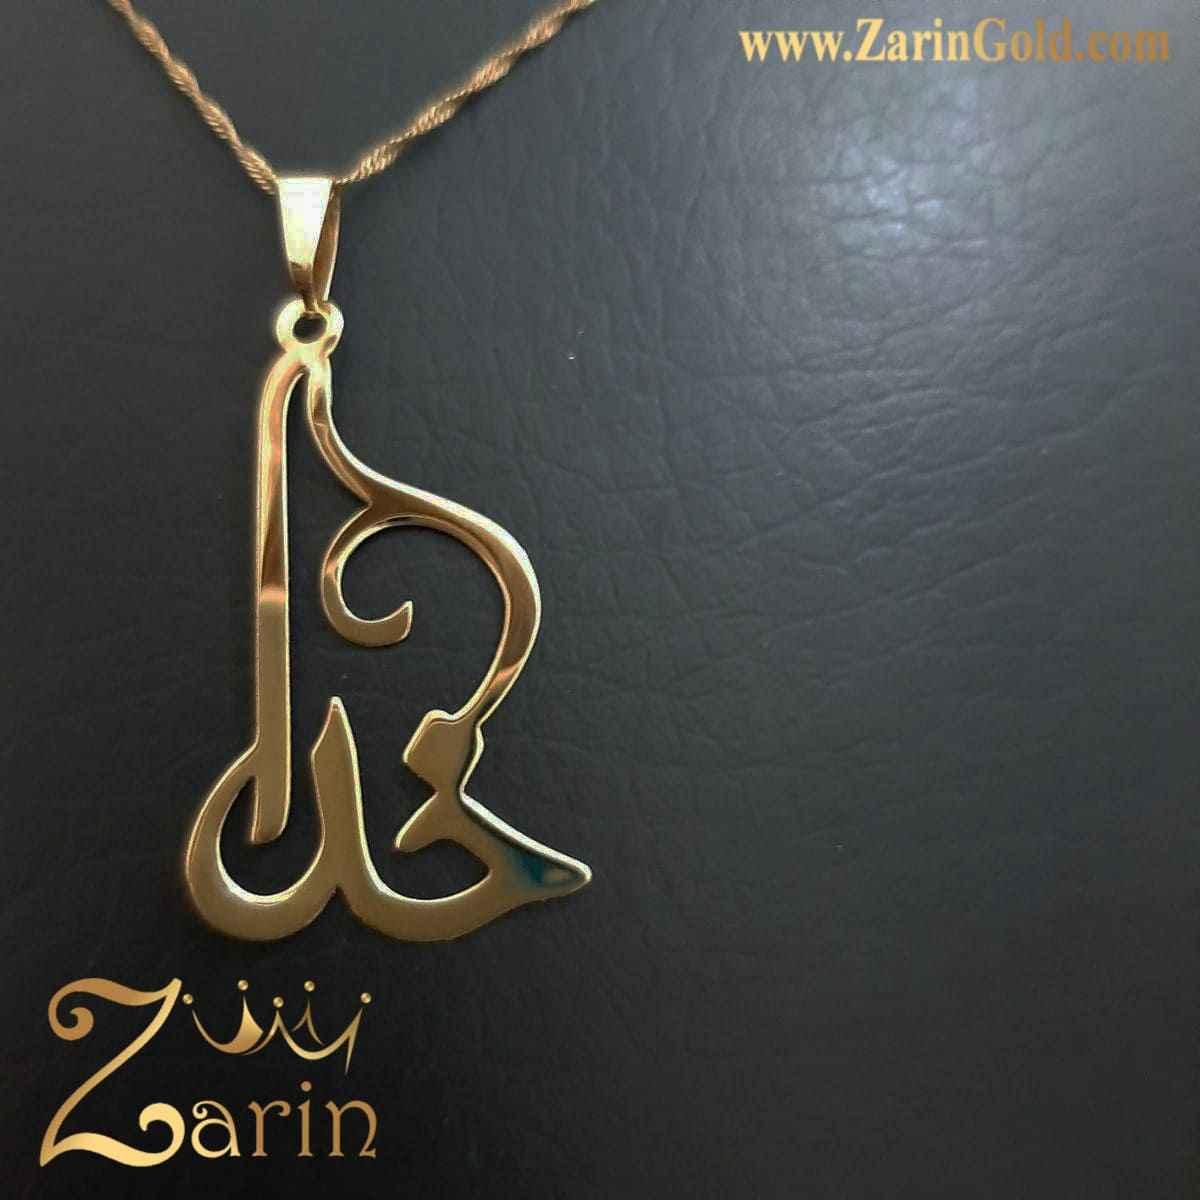 پلاک اسم خدا طلا با زنجیر